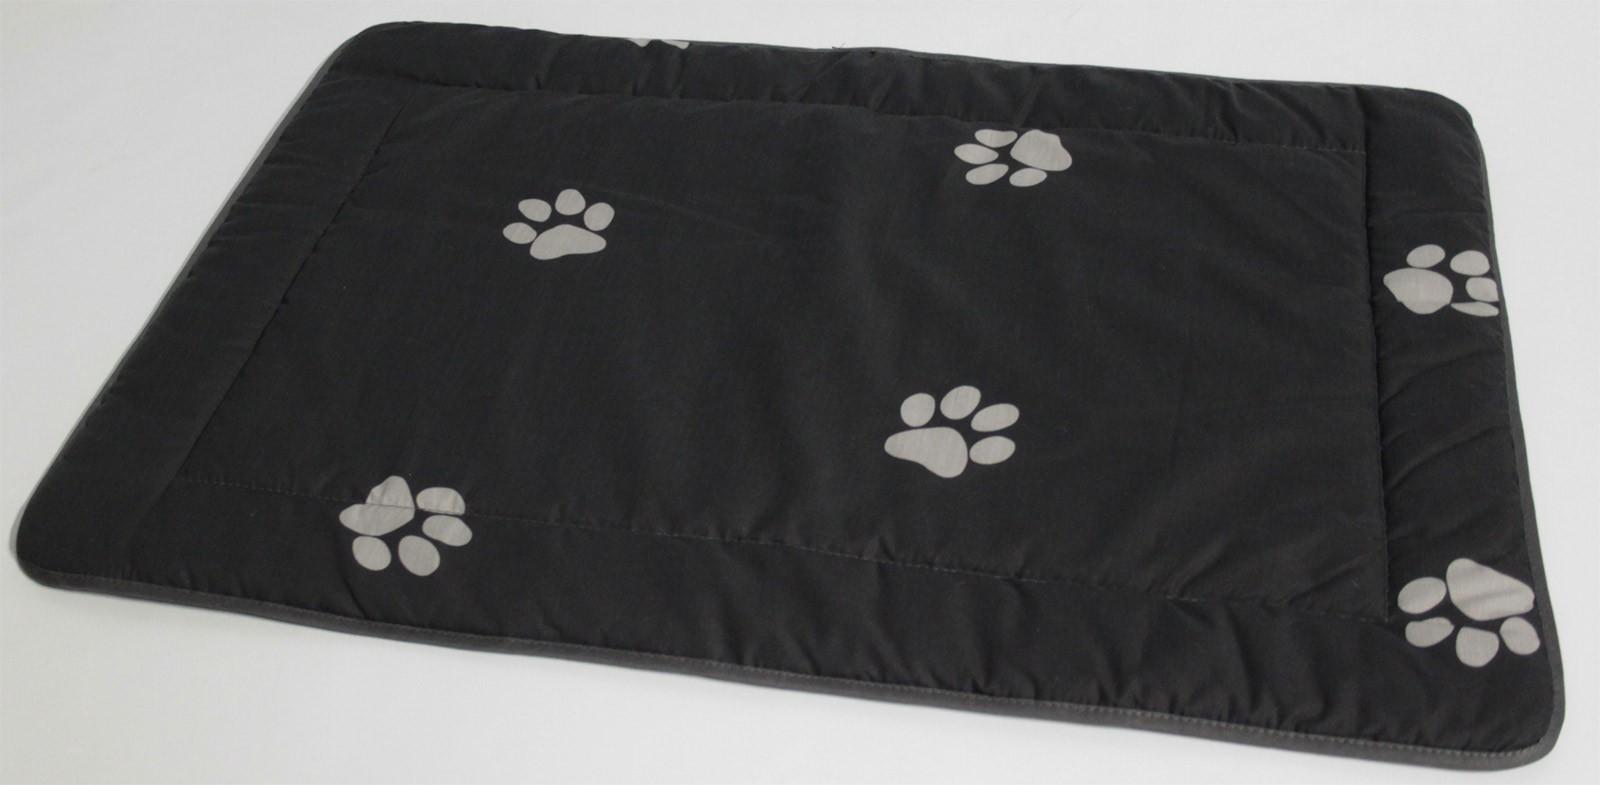 Hundedecke / Hundekissen Beo 95x65cm M321 grau/hellgrau Bild 1